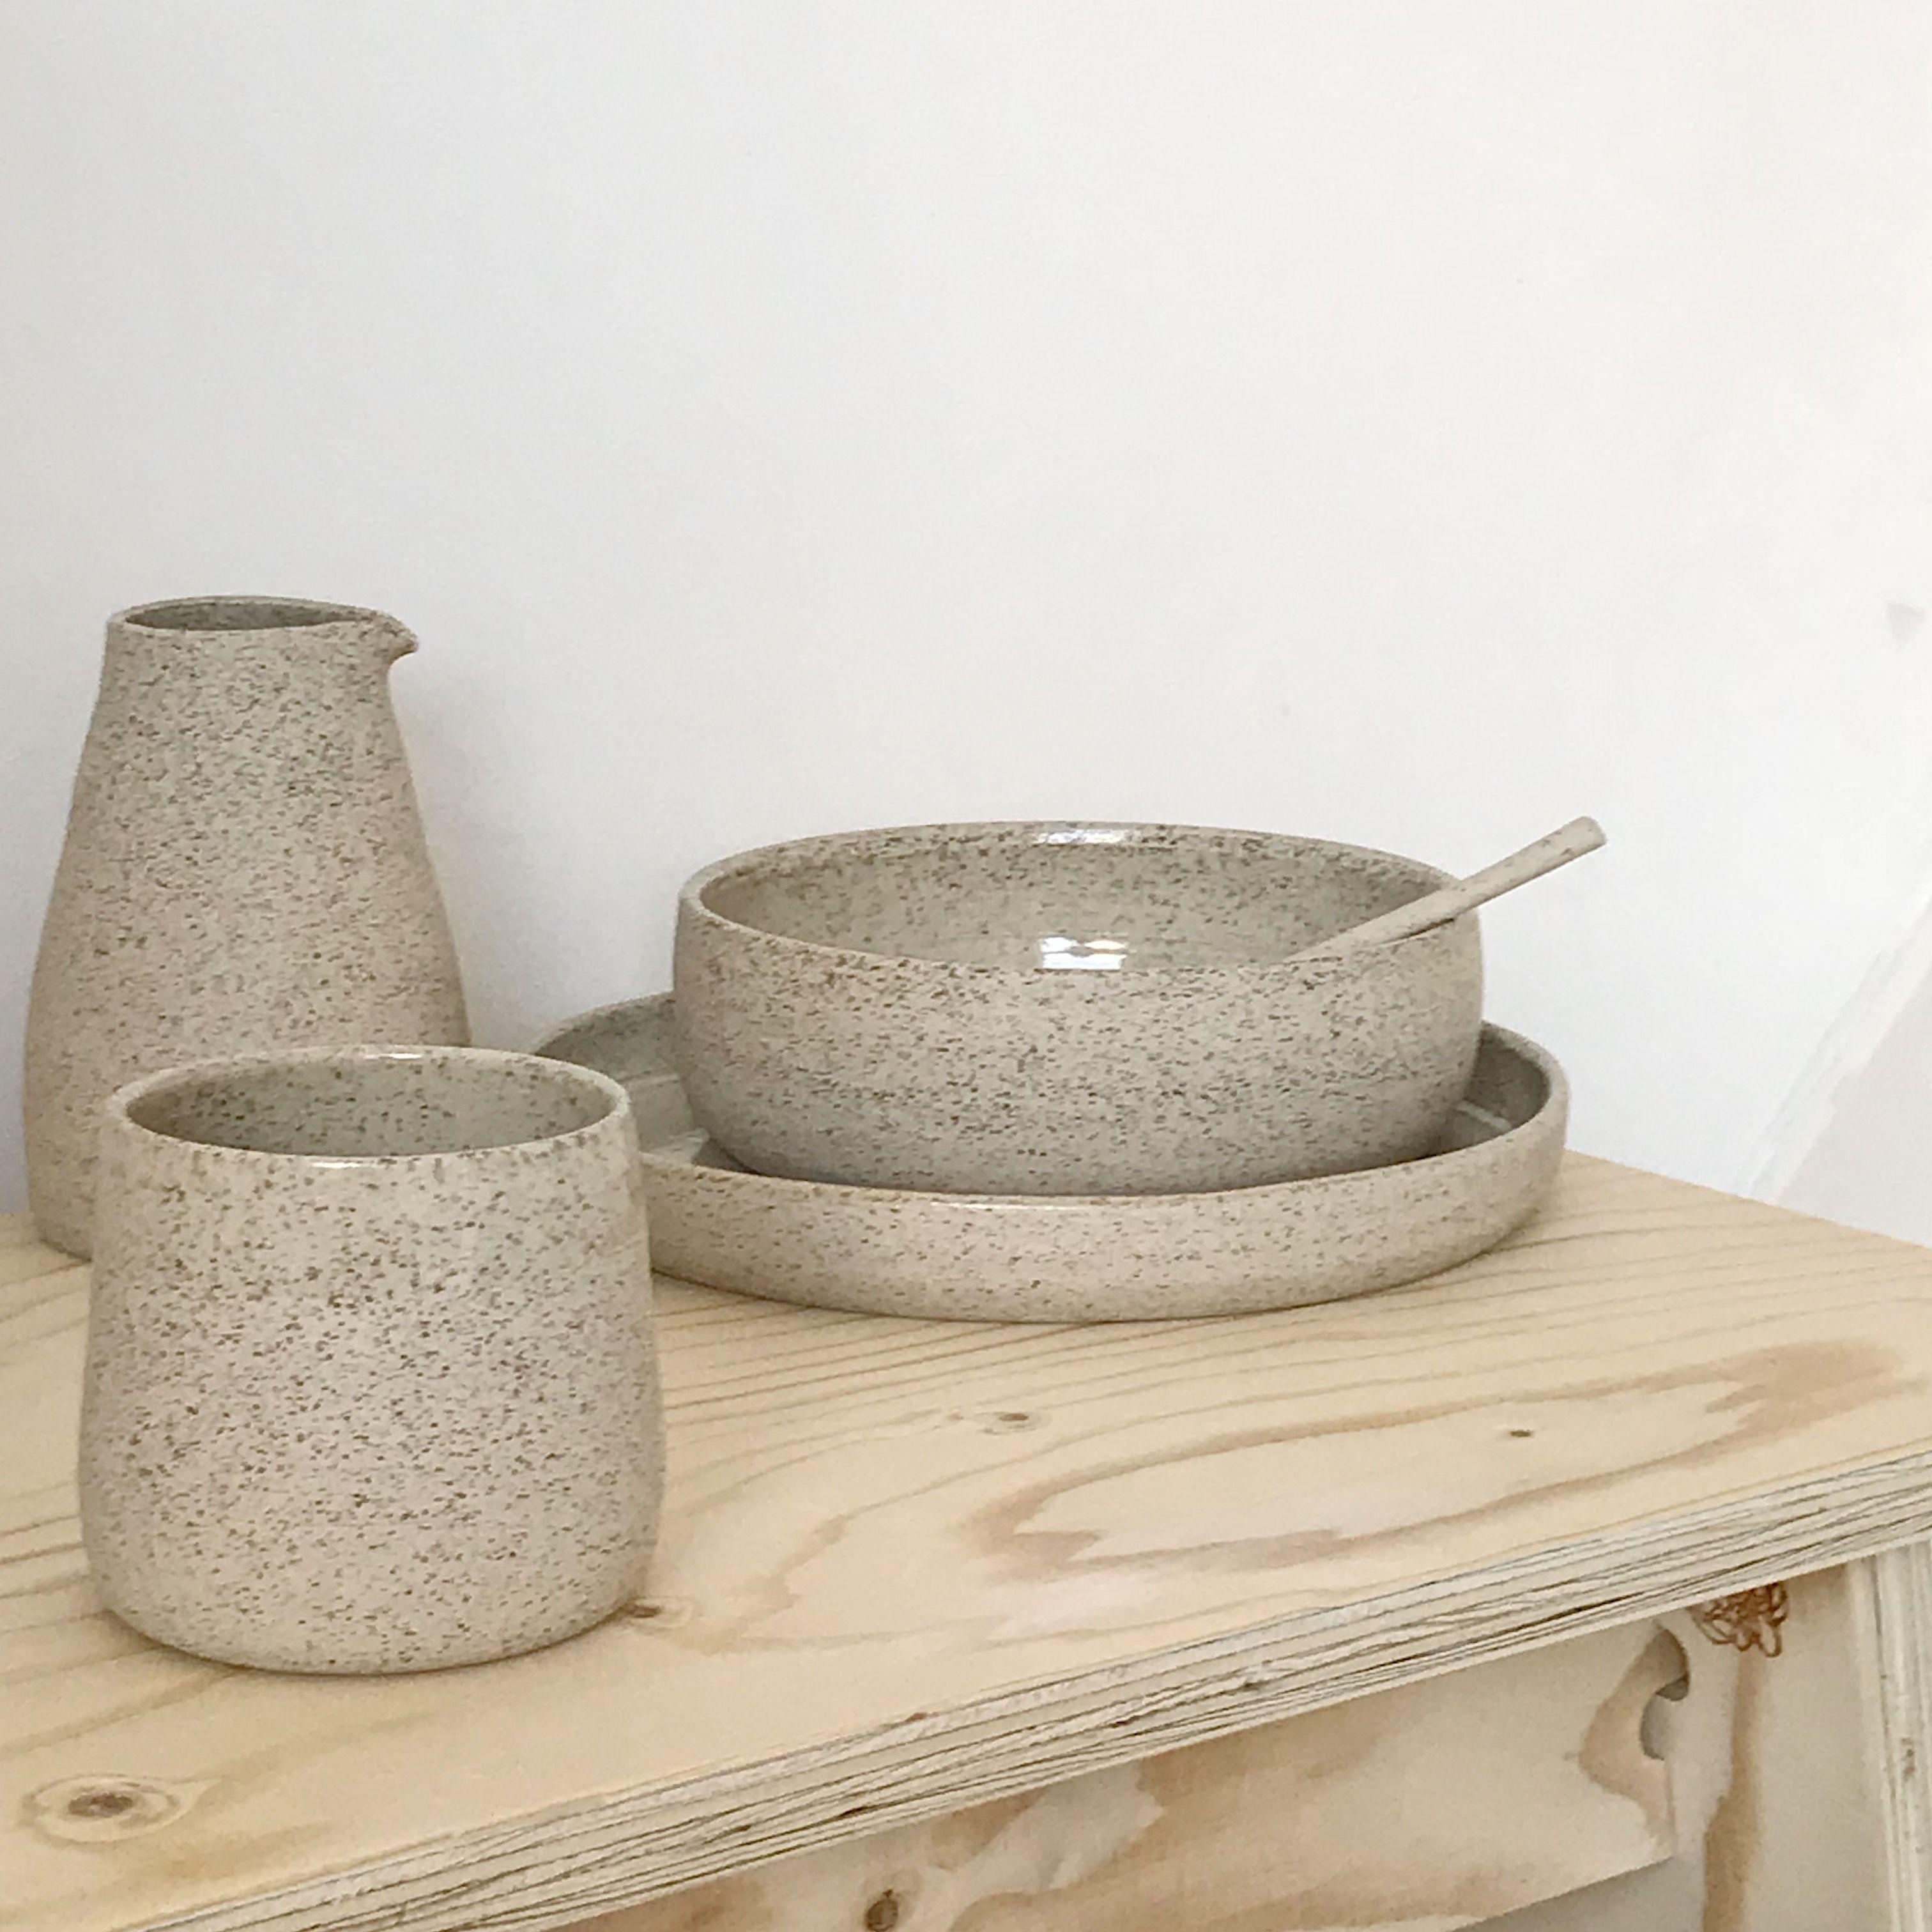 By Annemieke Boots Ceramics Tableware Thrown Stoneware Ceramic Tableware Pottery Plates Tableware Design